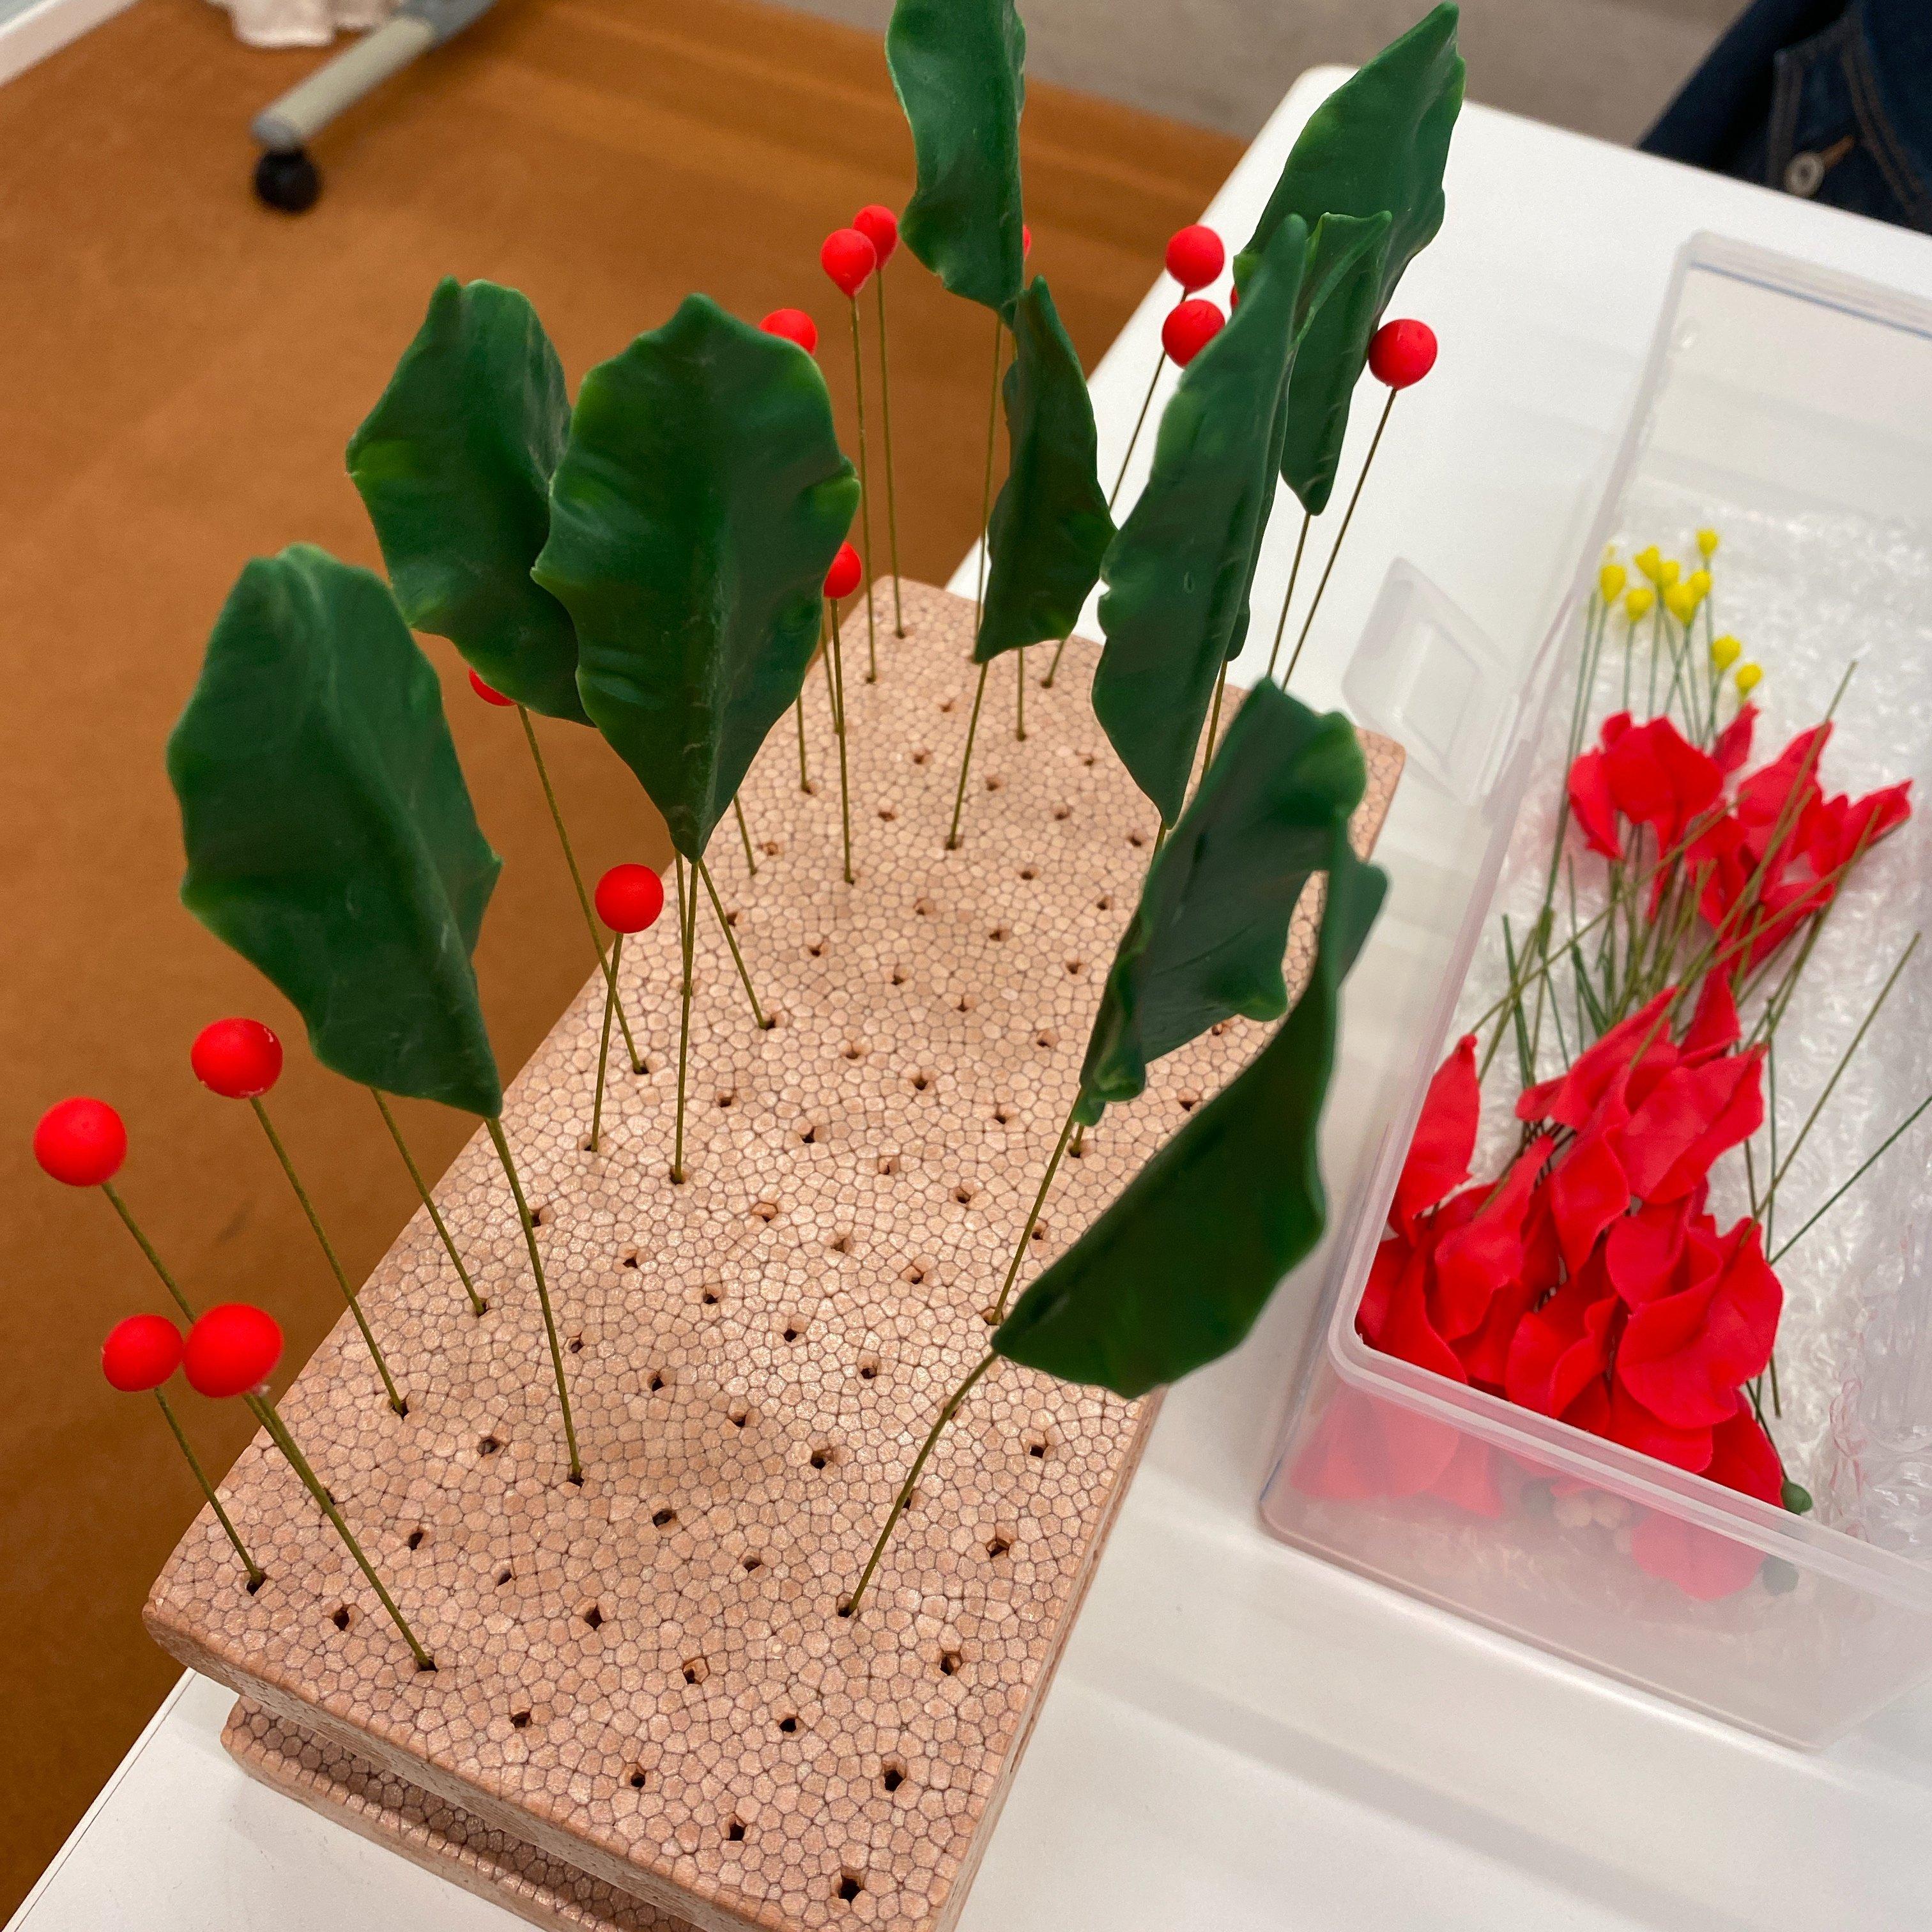 ハンドメイド/クレイフラワー(粘土で作ったお花)/ポインセチア